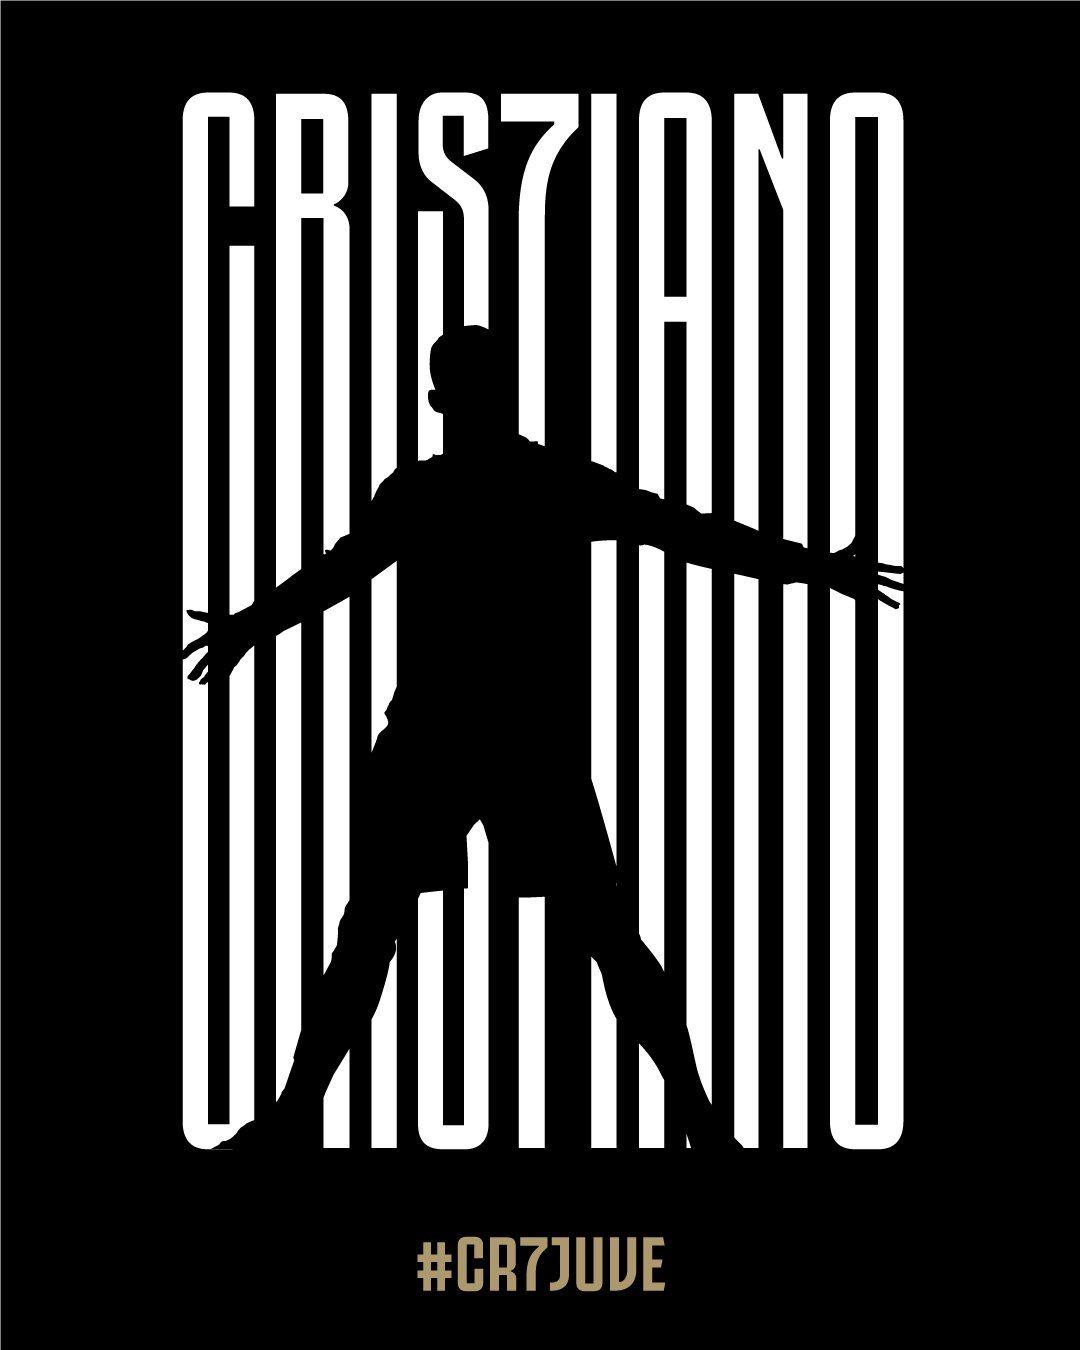 Ronaldo usará la casaca 7 en la Juventus. Foto: @JuventusFC